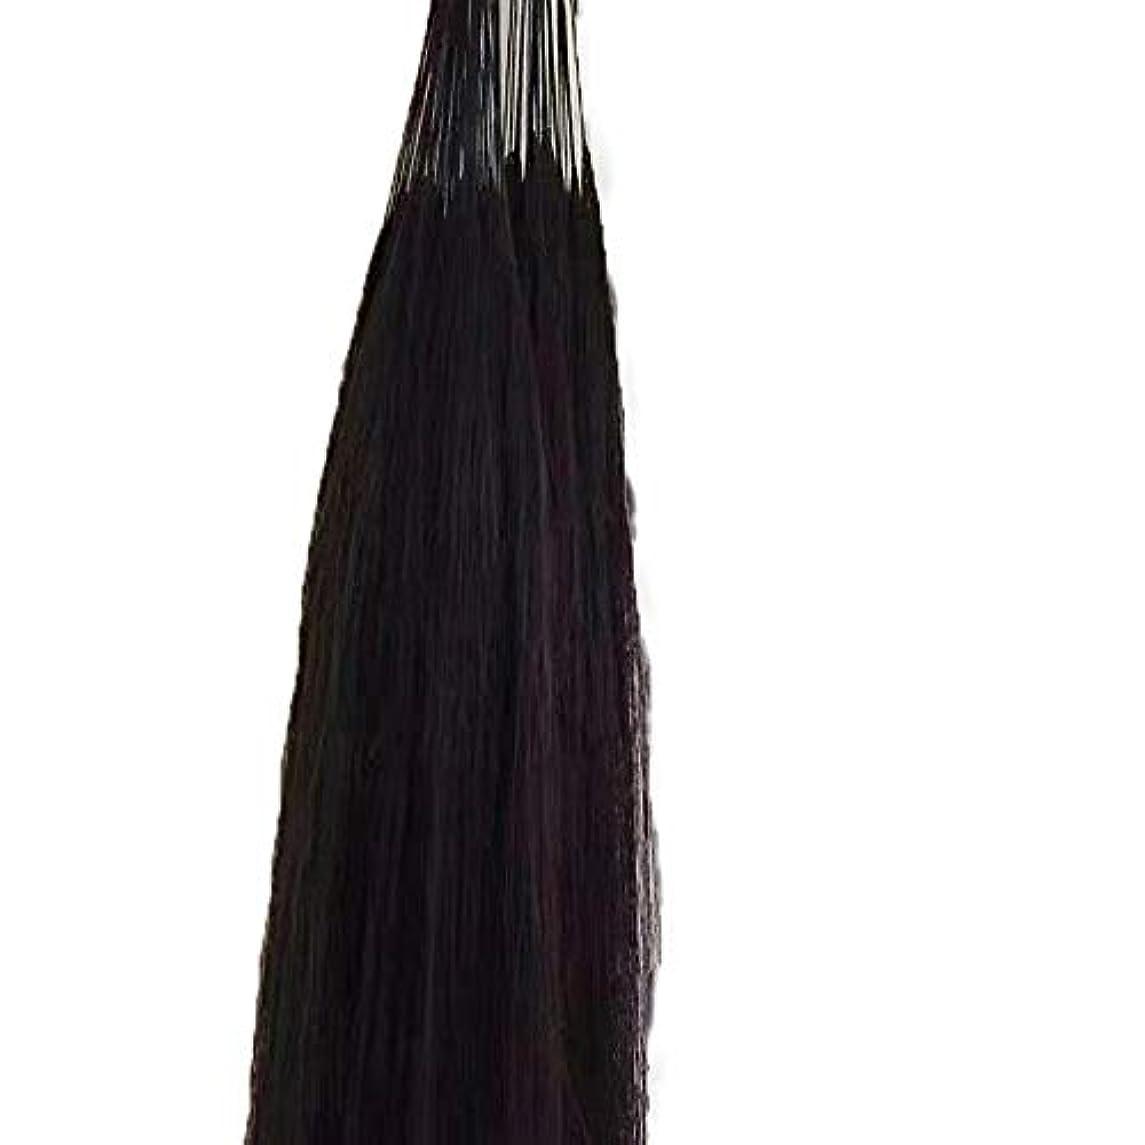 事実反対にから聞くJULYTER 羽毛エクステンション人間の毛先のヒントフュージョンアンボー手編み未縫合ヘアーエクステンション (色 : 黒, サイズ : 60cm)